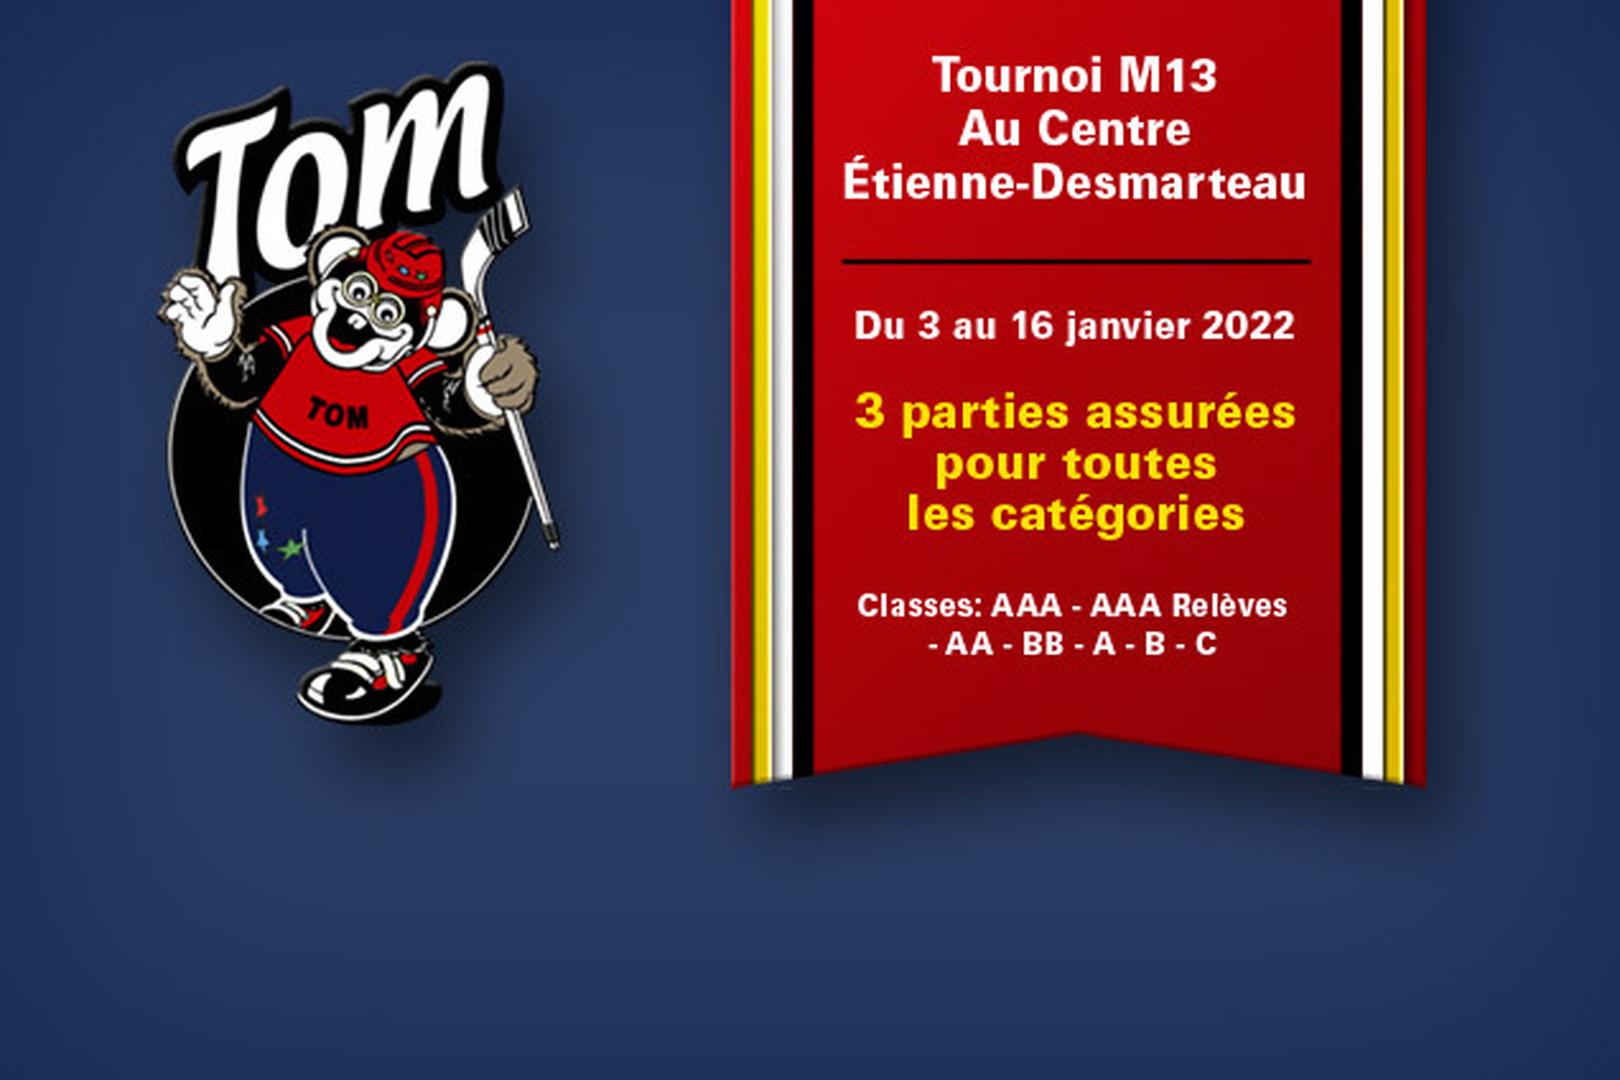 Les inscriptions sont ouvertes pour la 49ème édition du Tournoi TOM, qui se tiendra au Centre Étienne-Desmarteau